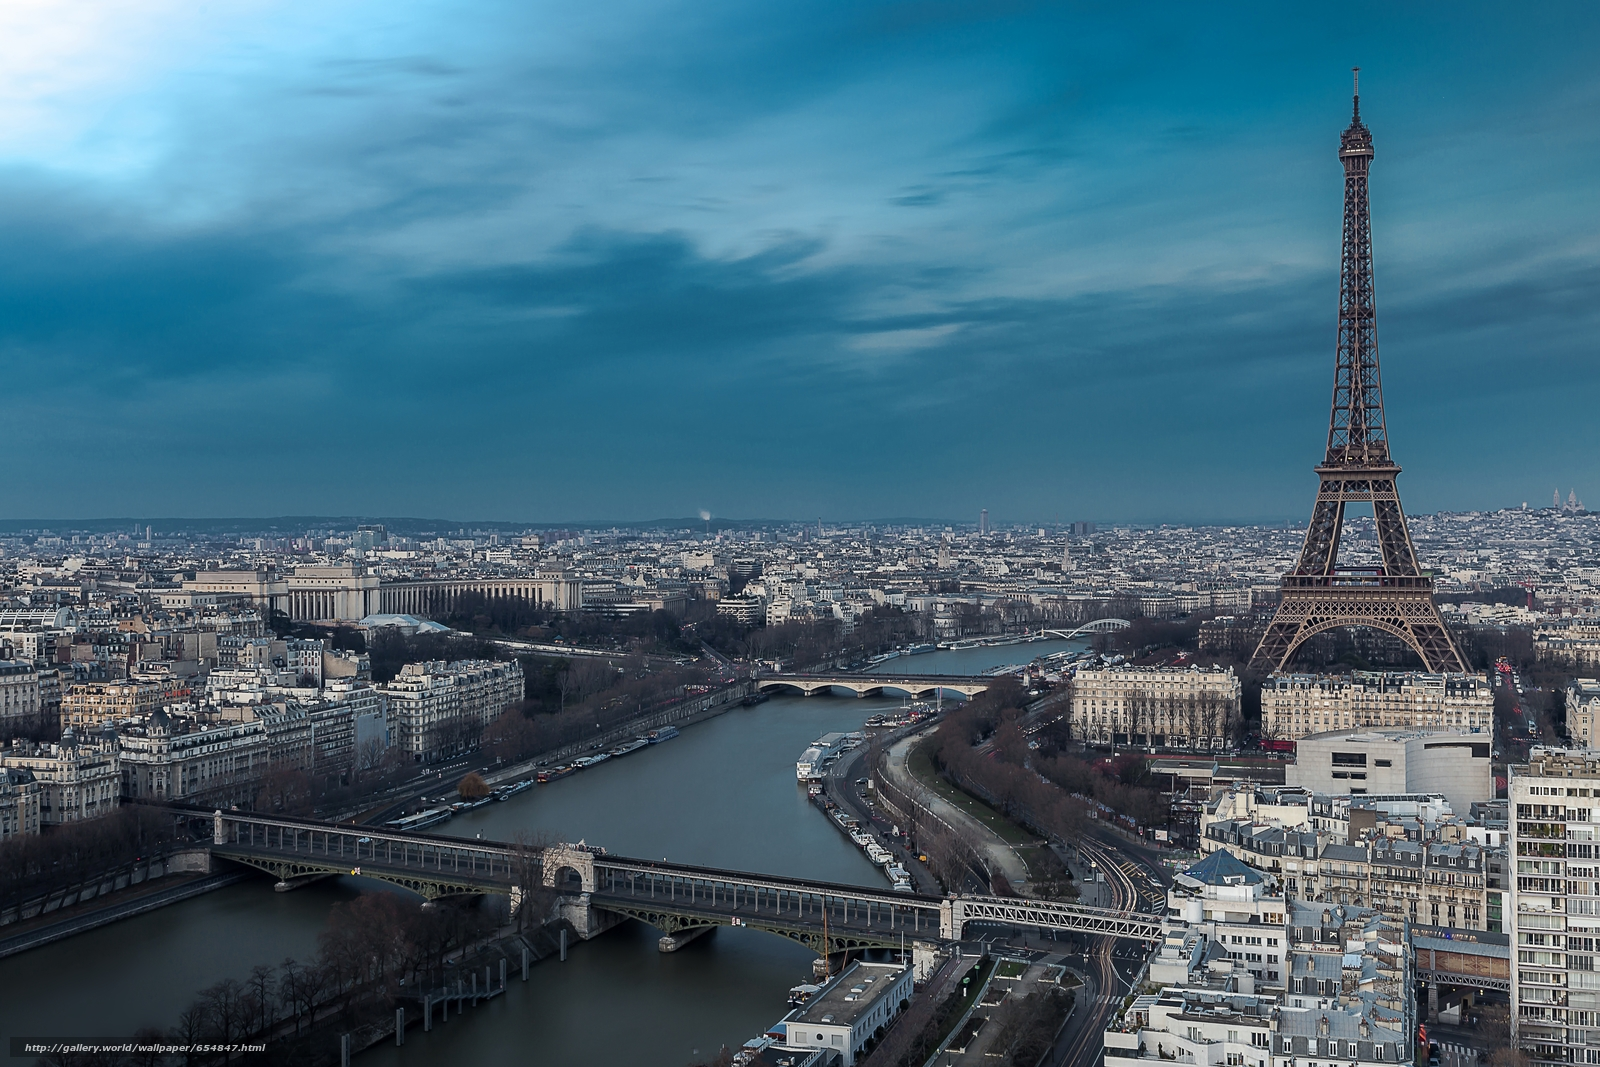 Скачать обои Eiffel Tower,  Paris,  France,  Эйфелева башня бесплатно для рабочего стола в разрешении 5472x3648 — картинка №654847